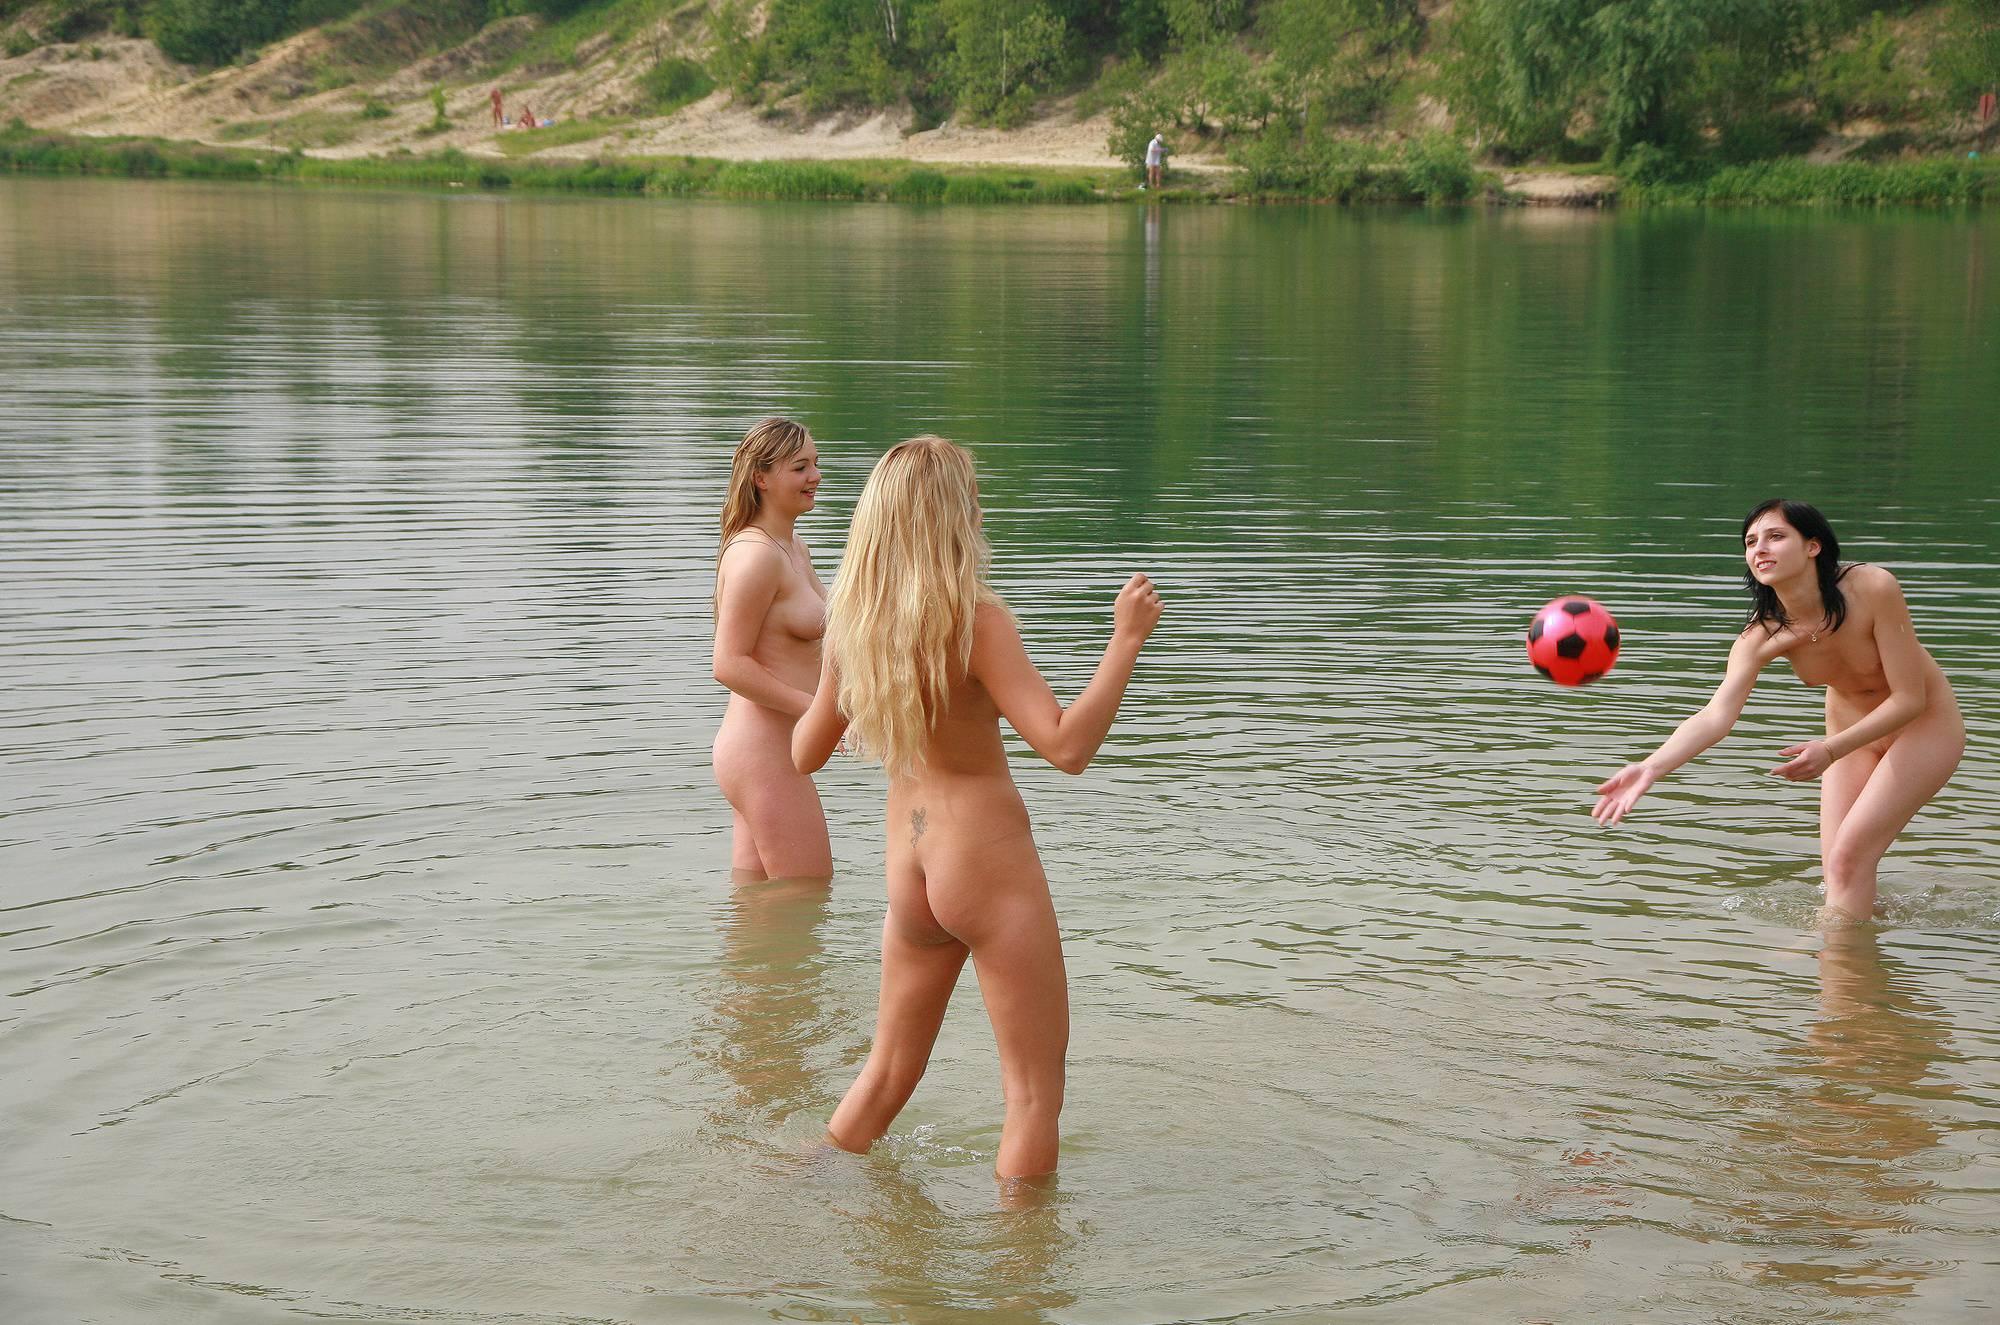 Nudist Photos Lake Kryspinow Sports - 2